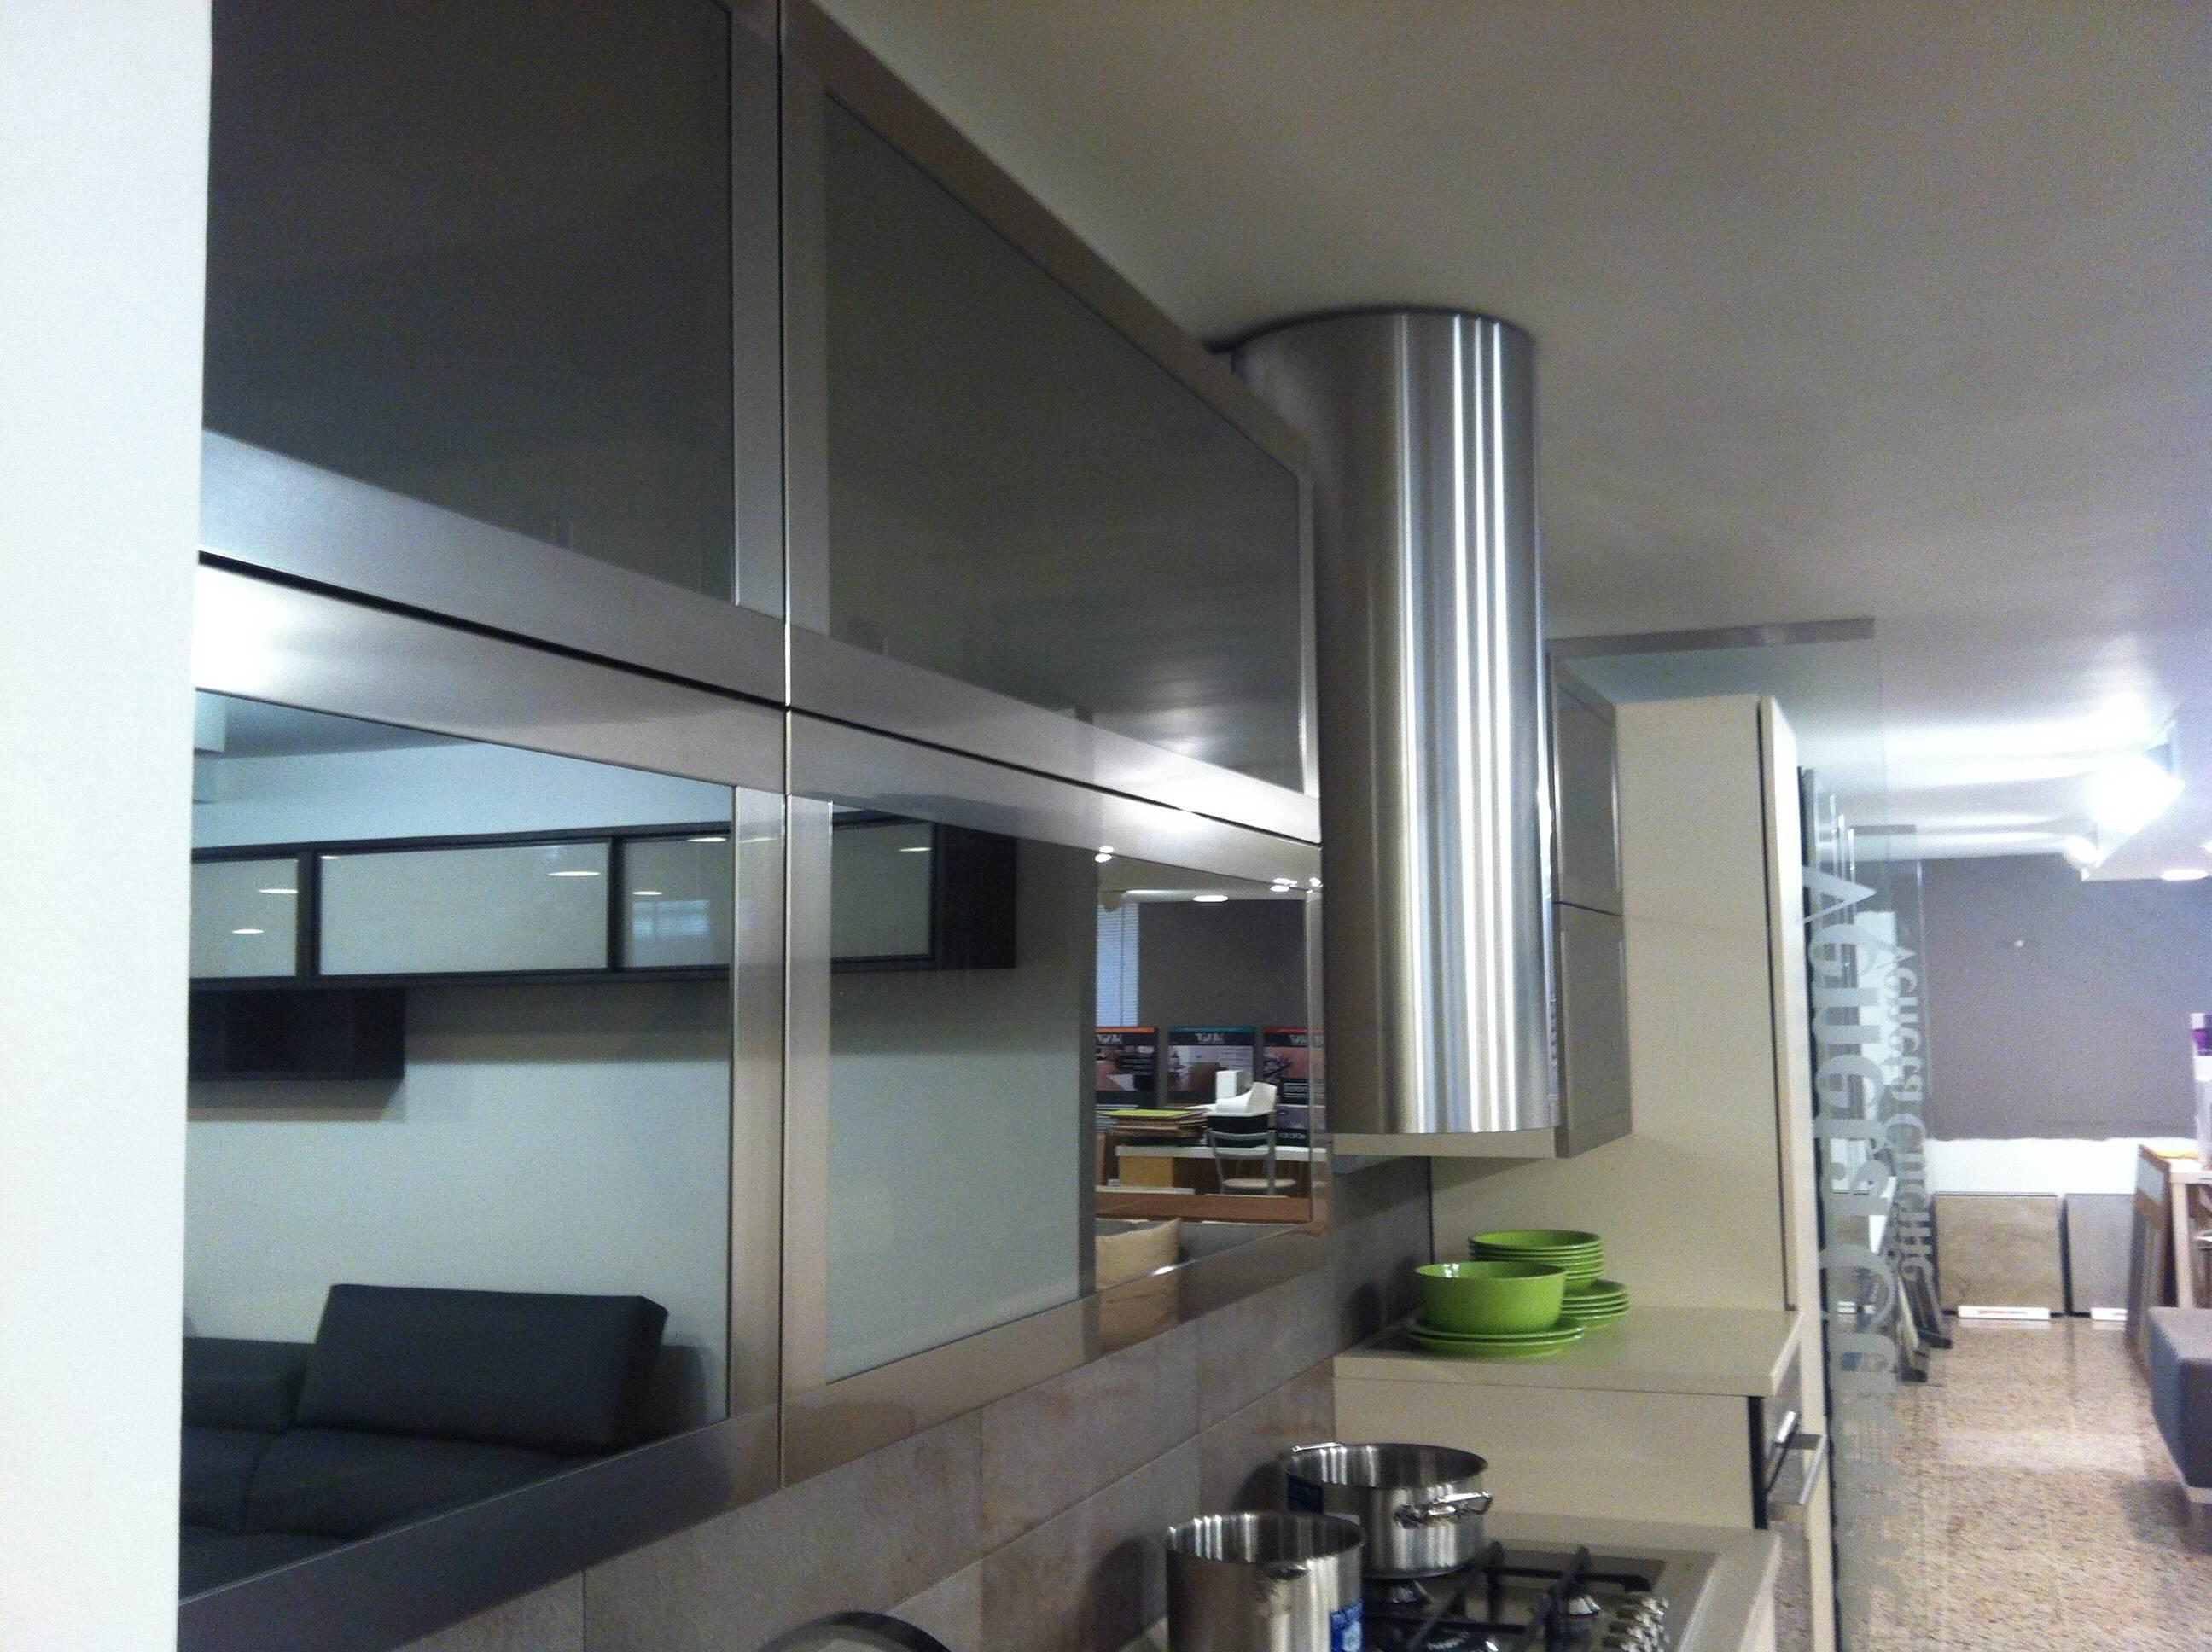 Cappa Da Cucina Elica Prezzi : Cappa da cucina elica prezzi. Cappe ...